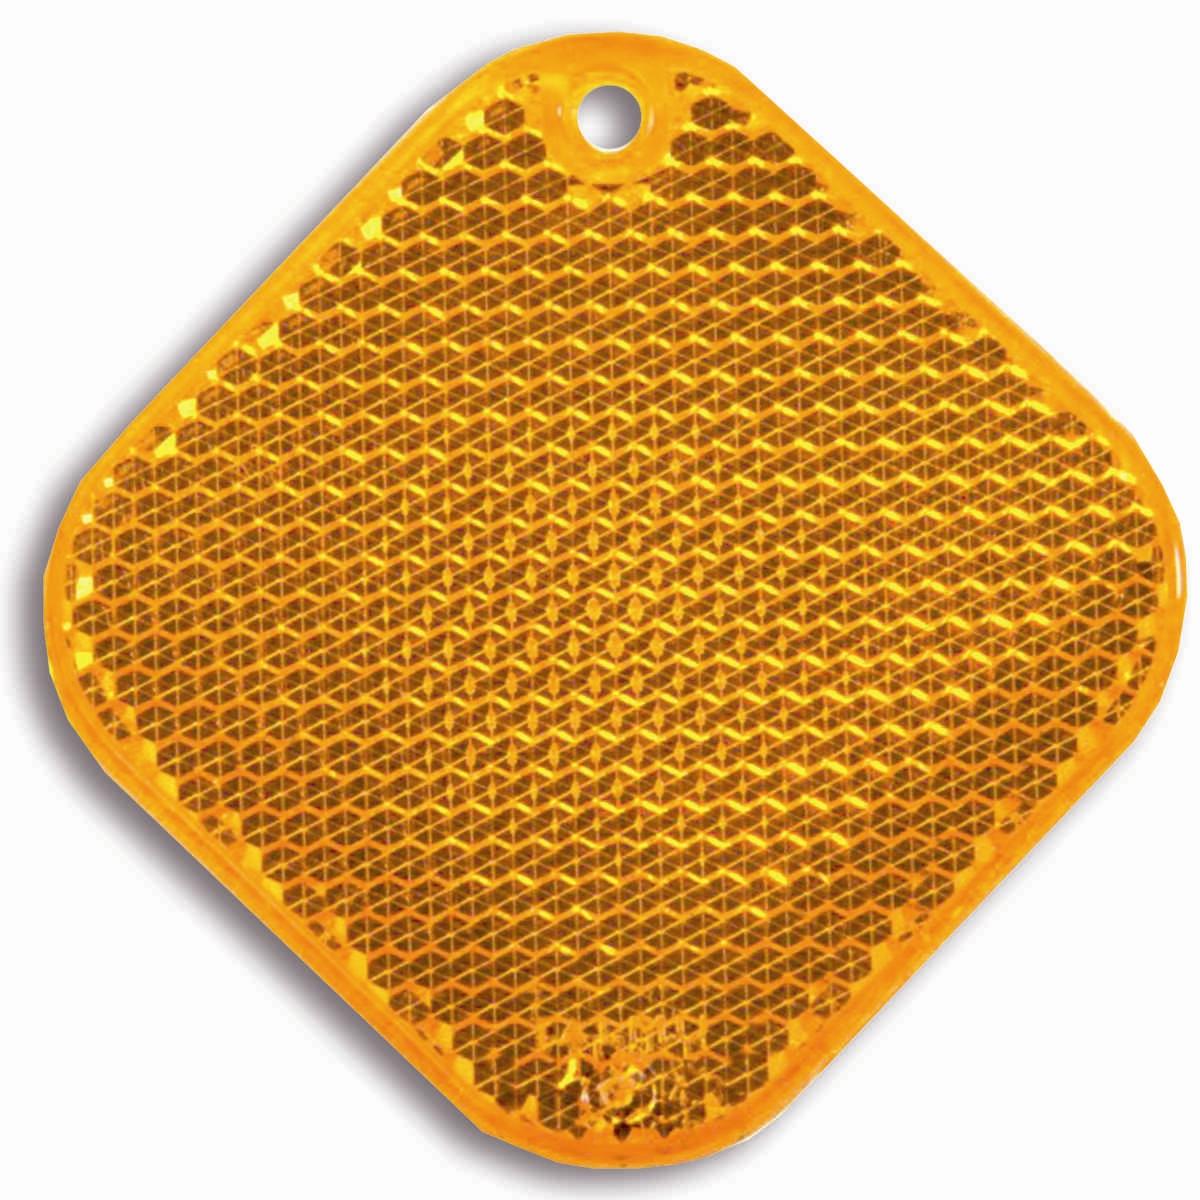 Светоотражатель пешеходный Coreflect Ромб, цвет: оранжевый98295719Пешеходный светоотражатель — это серьезное средство безопасности на дороге. Использование светоотражателей позволяет в десятки раз сократить количество ДТП с участием пешеходов в темное время суток. Светоотражатель крепится на одежду и обладает способностью к направленному отражению светового потока. Благодаря такому отражению, водитель может вовремя заметить пешехода в темноте, даже если он стоит или двигается по обочине. А значит, он успеет среагировать и избежит возможного столкновения. С 1 июля 2015 года ношение светоотражателей вне населенных пунктов является обязательным для пешеходов! Мы рекомендуем носить их и в городе! Для безопасности и сохранения жизни!